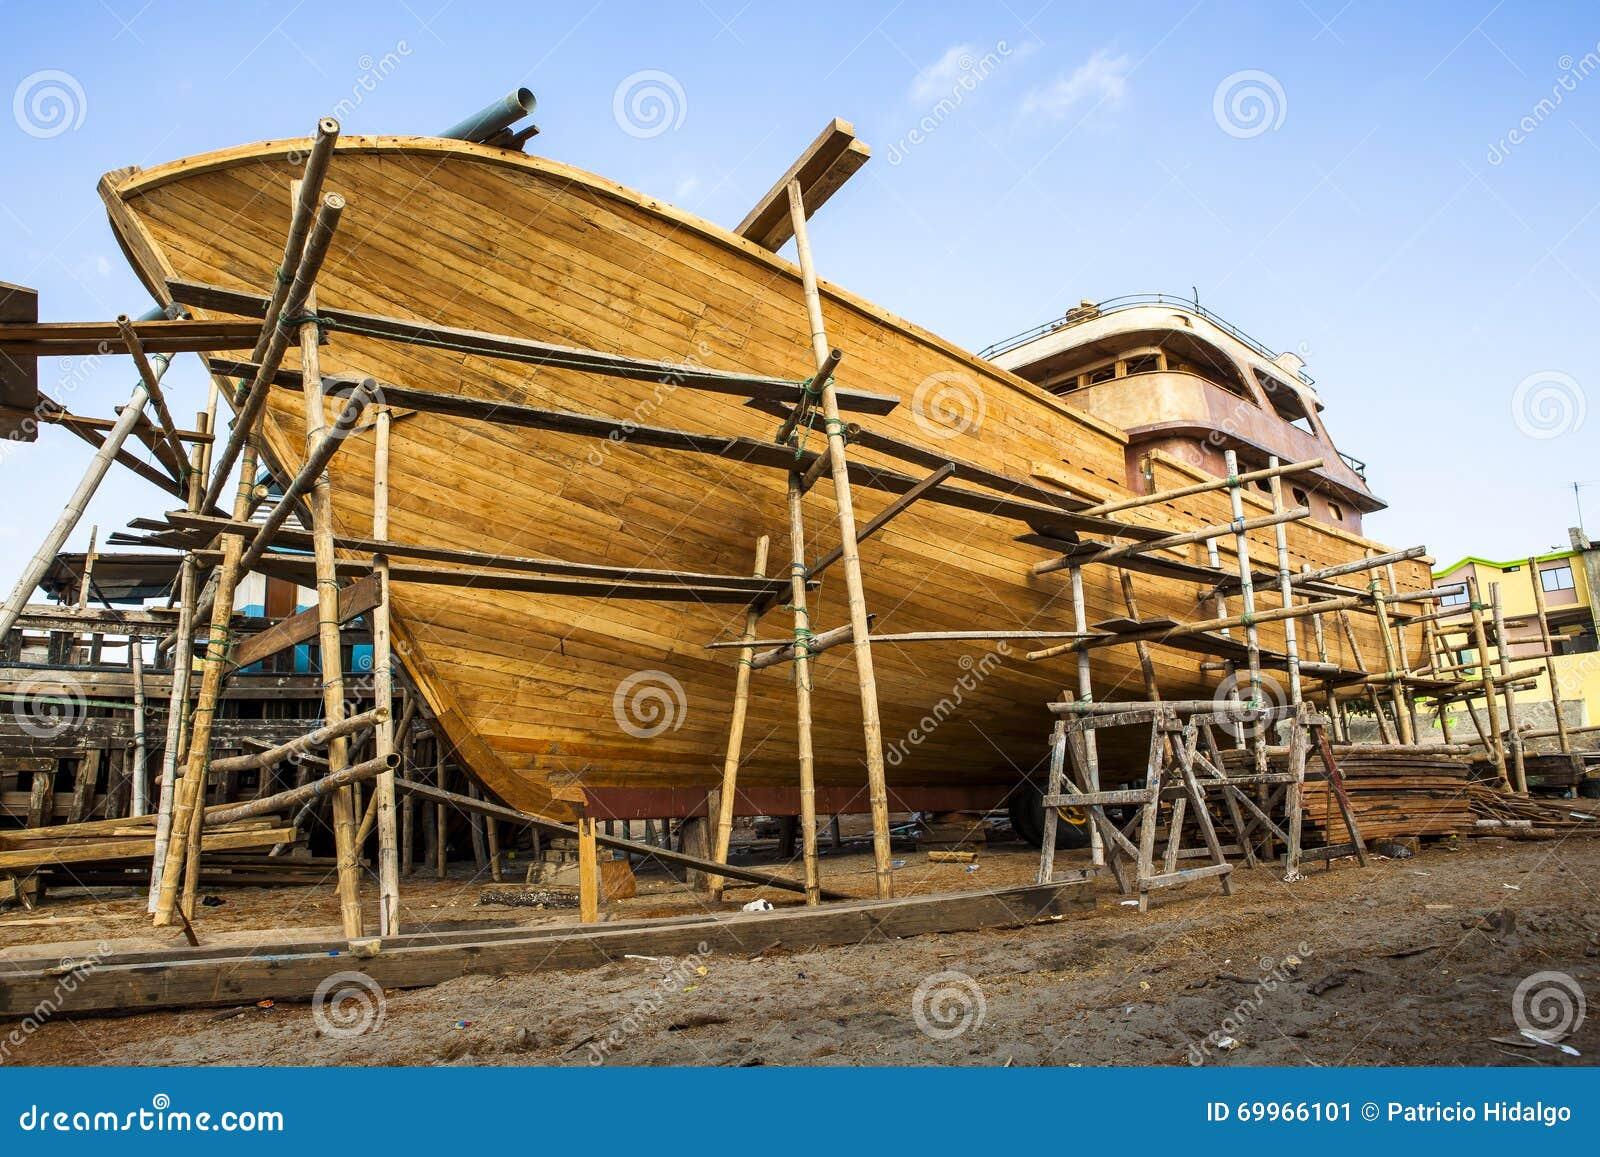 Construcci n de madera del barco del yate foto de archivo for Vetas en la madera